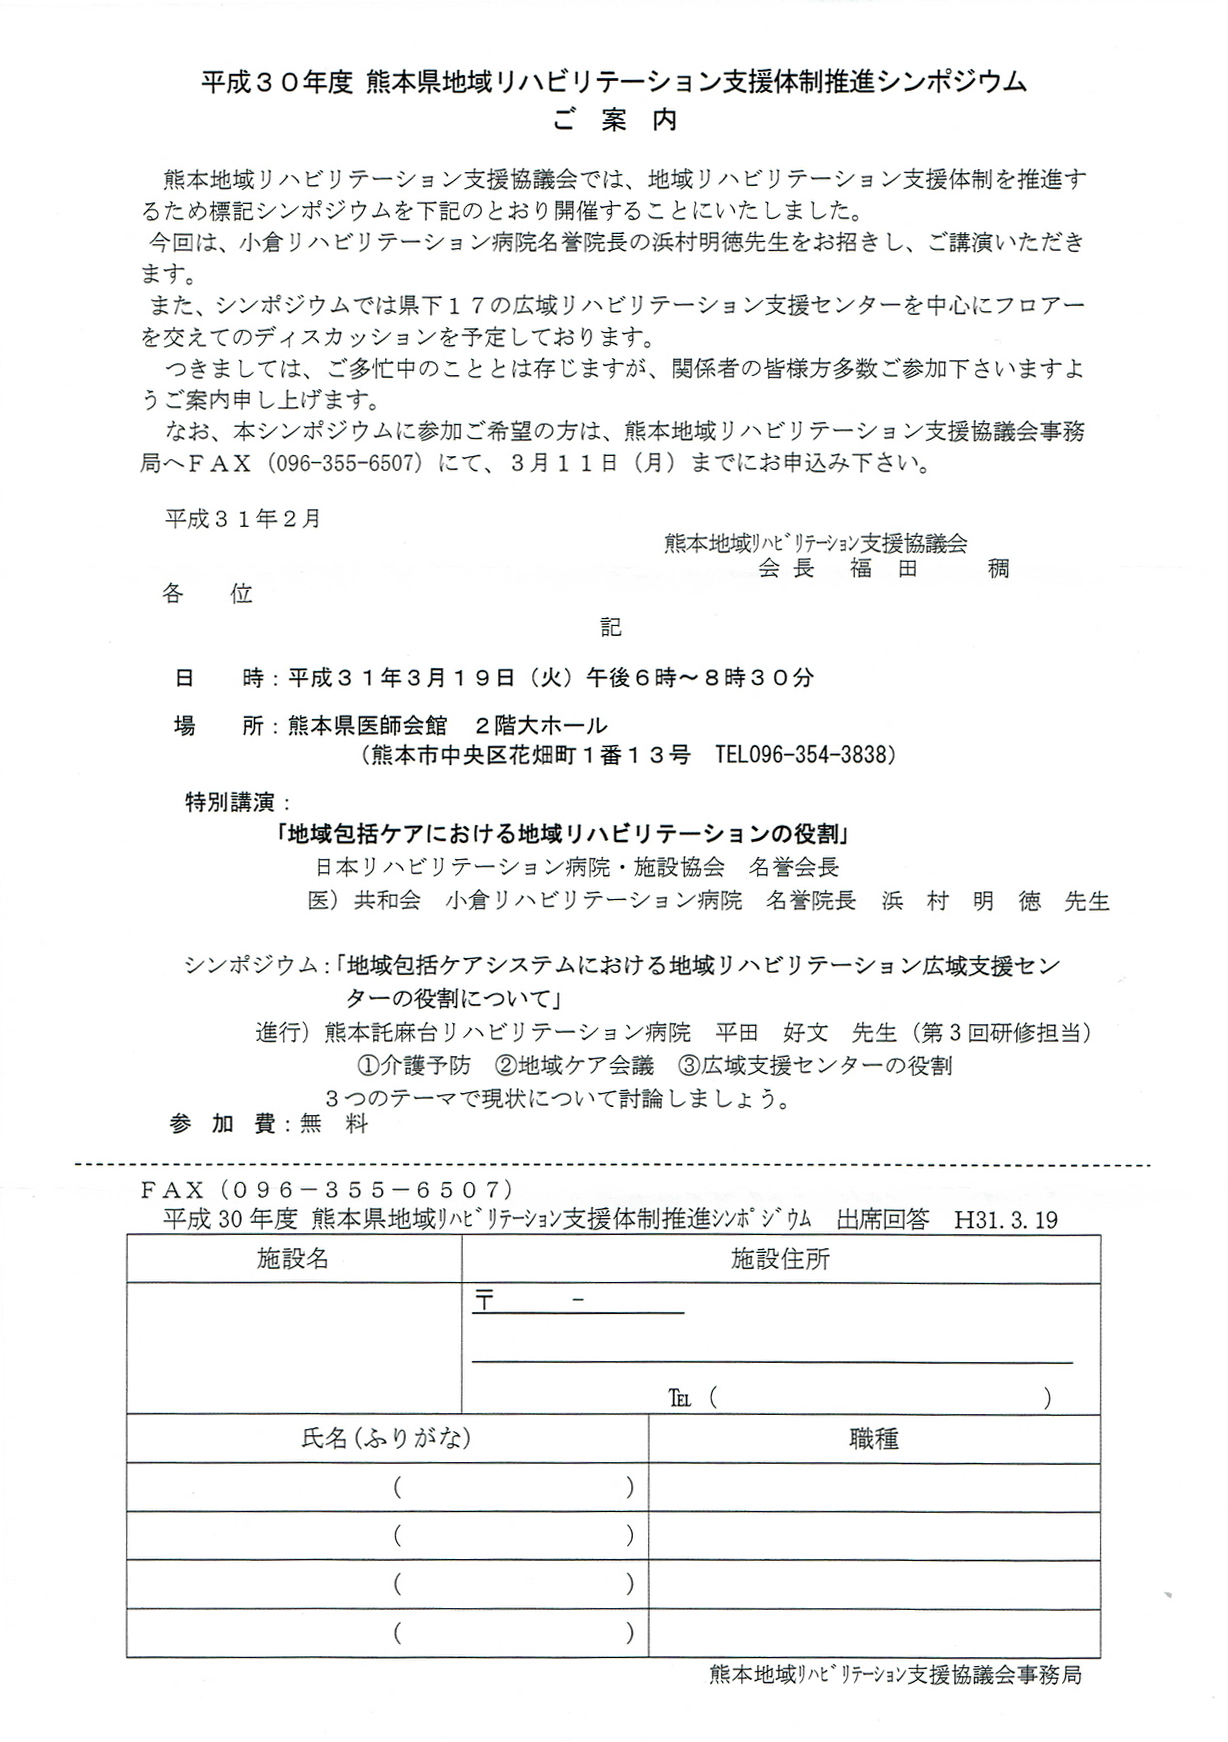 熊本県地域リハビリテーション支援体制推進シンポジウム